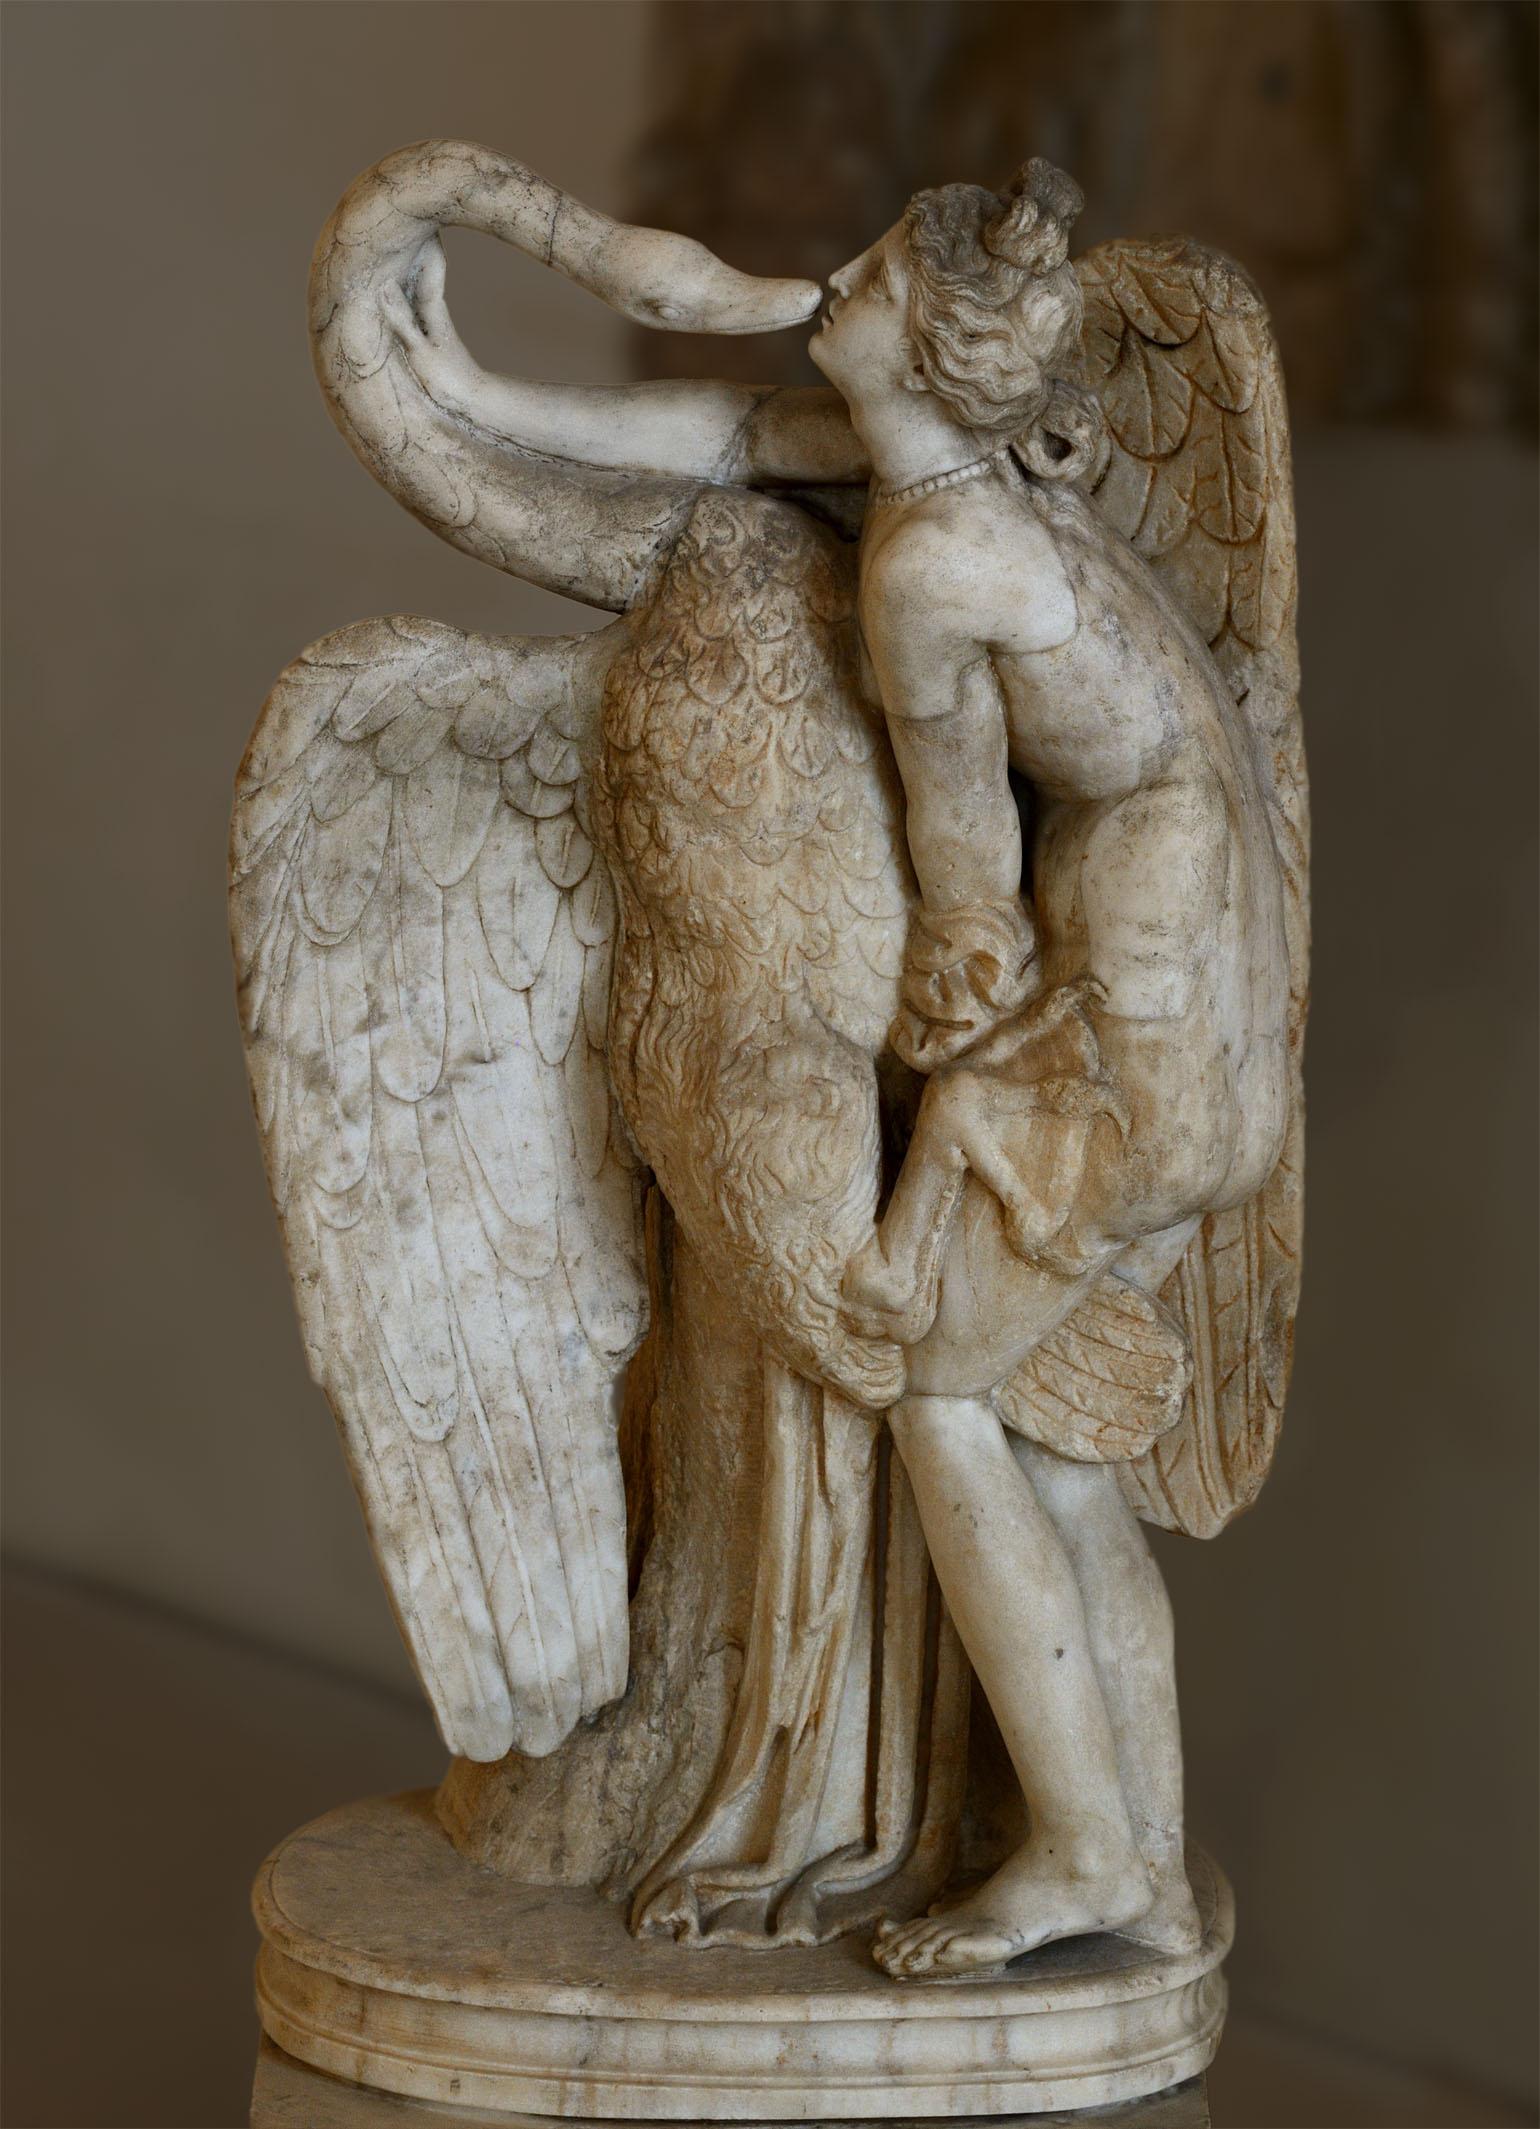 leda-romansculpt-iisz.jpg